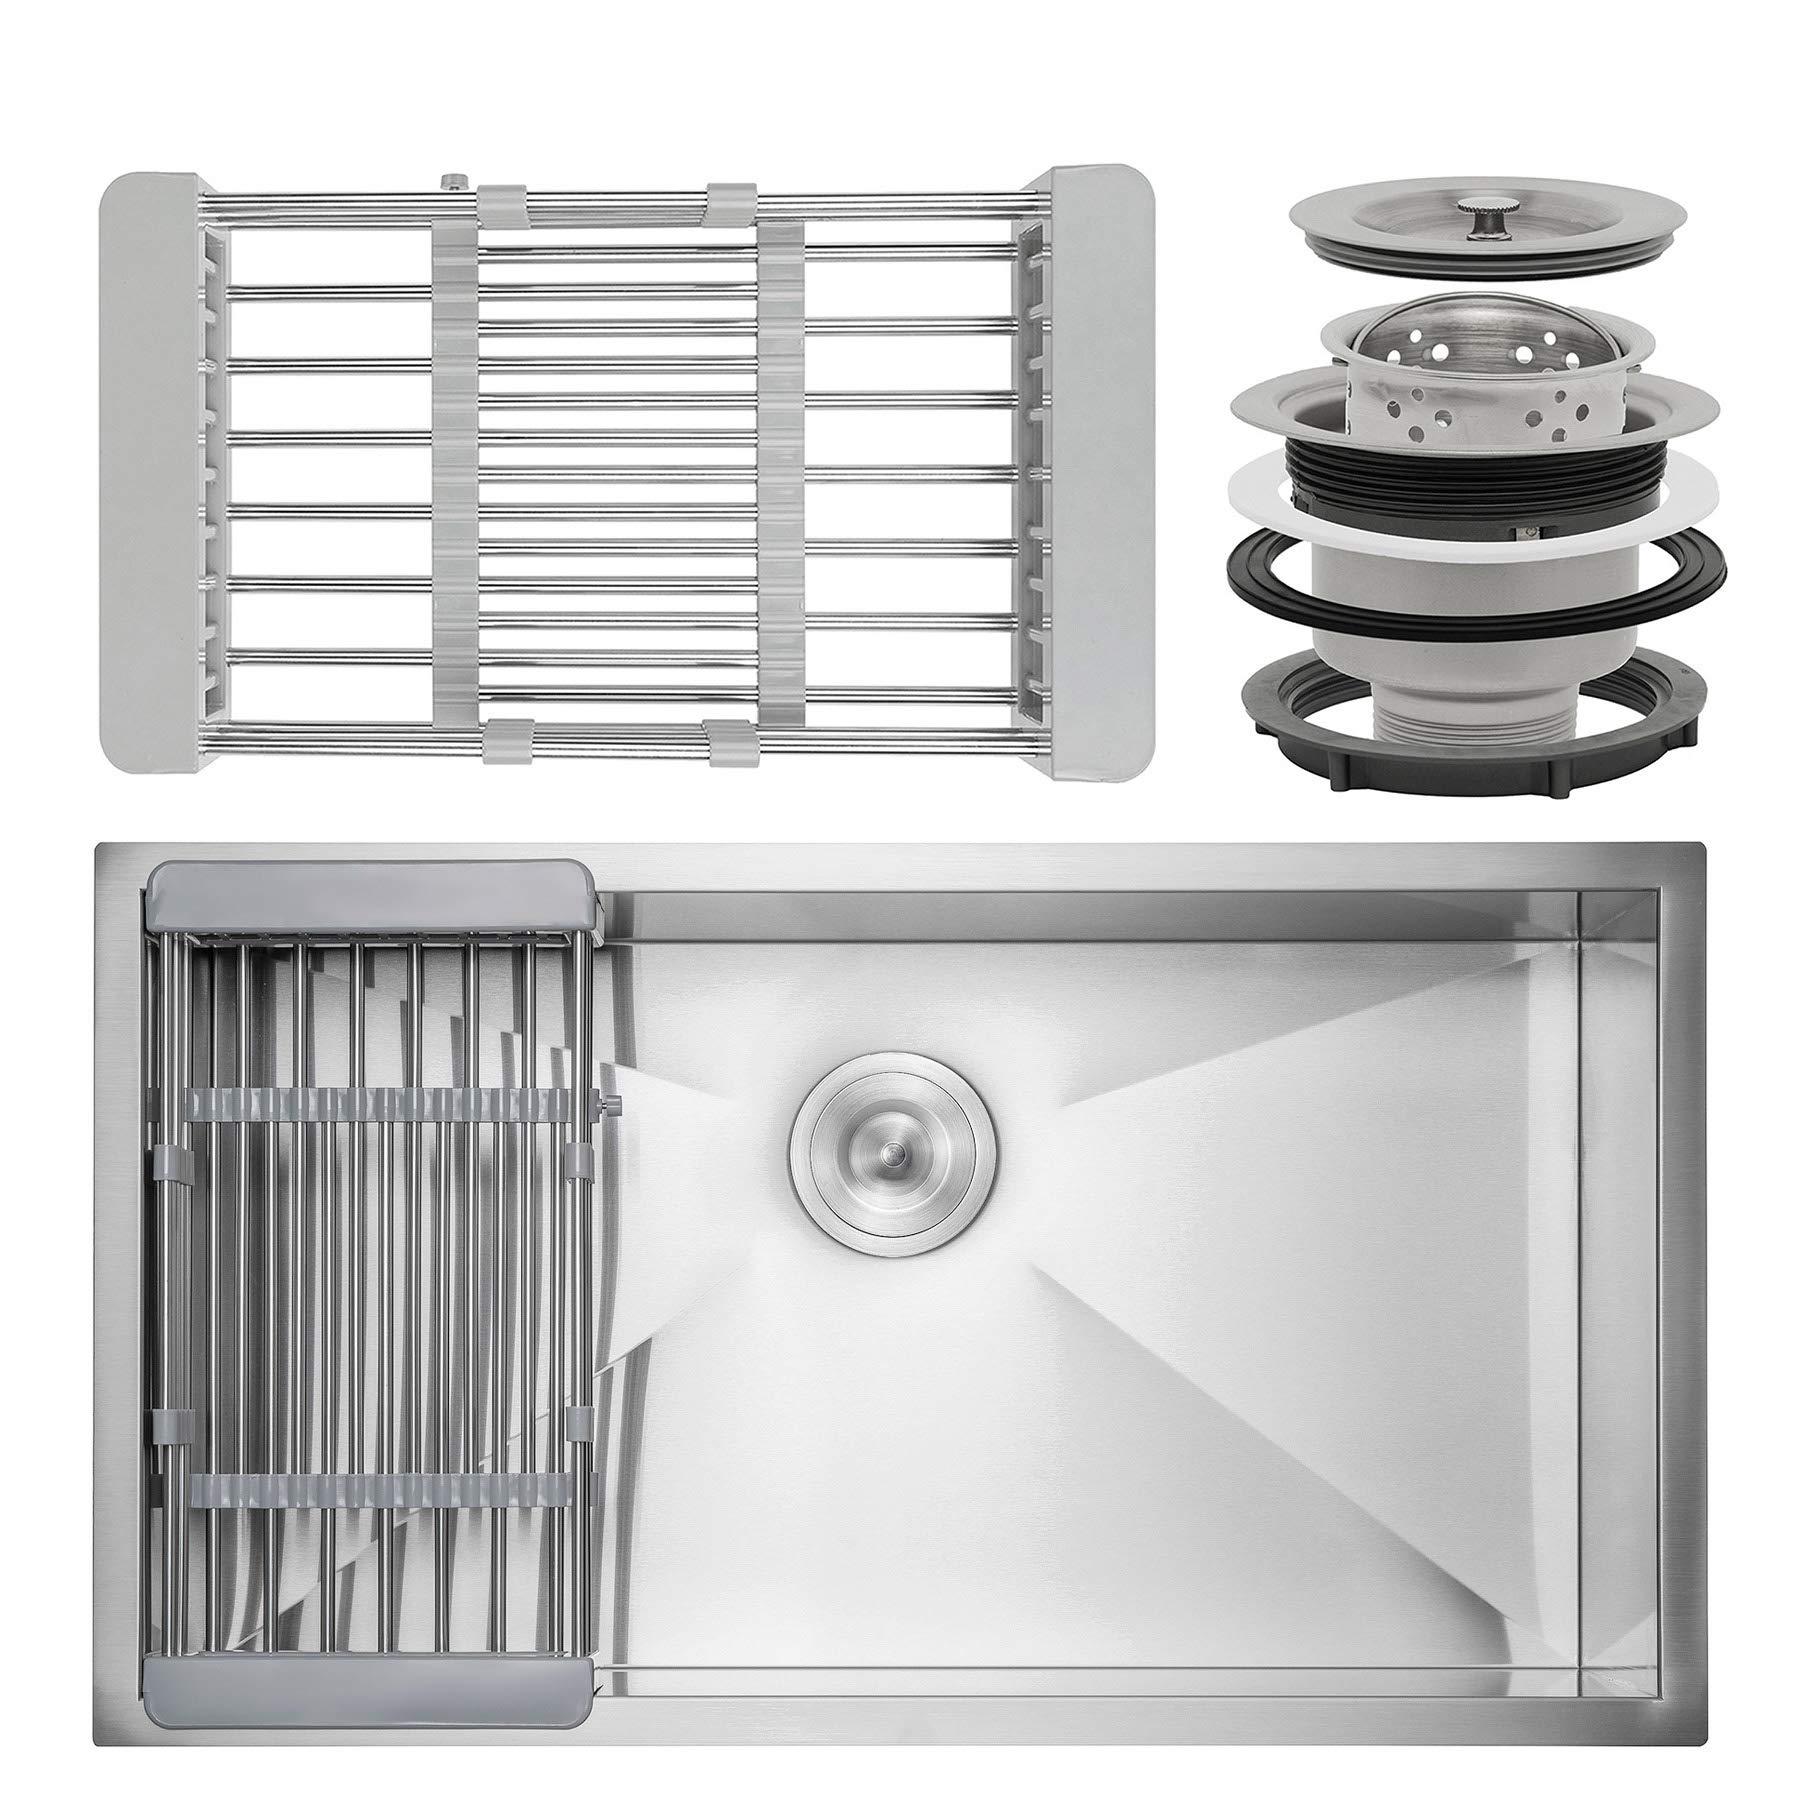 Firebird 30'' x 18'' x 9'' Under Mount Handmade Stainless Steel Single Bowl Kitchen Sink w/ Drain Strainer Kit Adjustable Tray